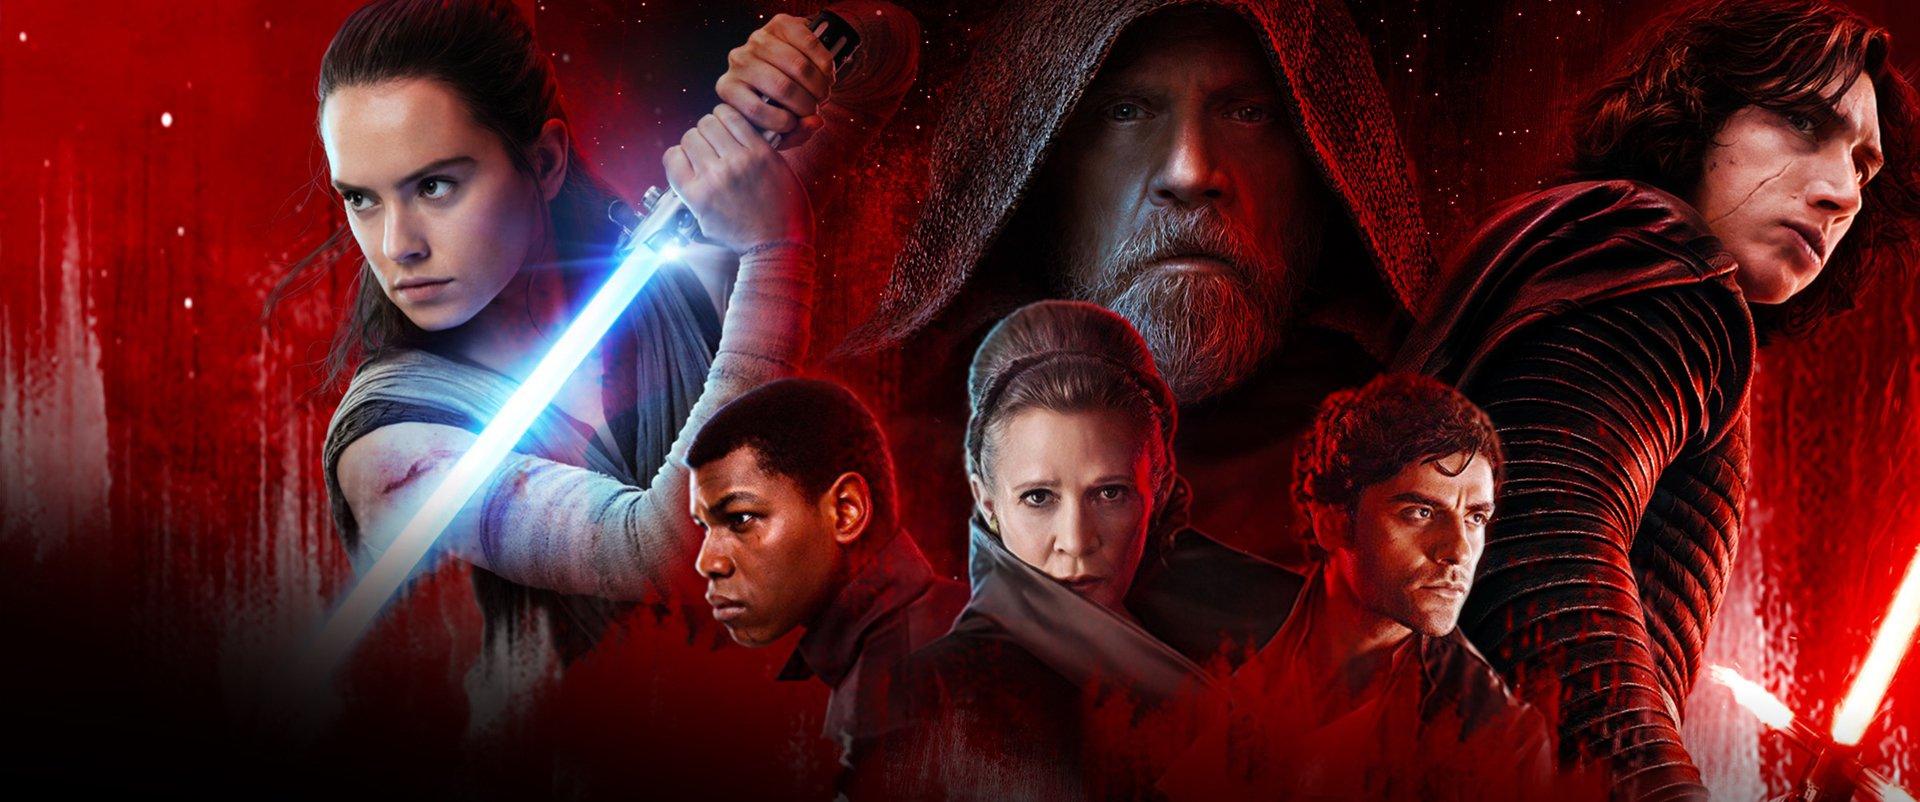 Star Wars Gli Ultimi Jedi: il primo trailer ufficiale ... - photo#45